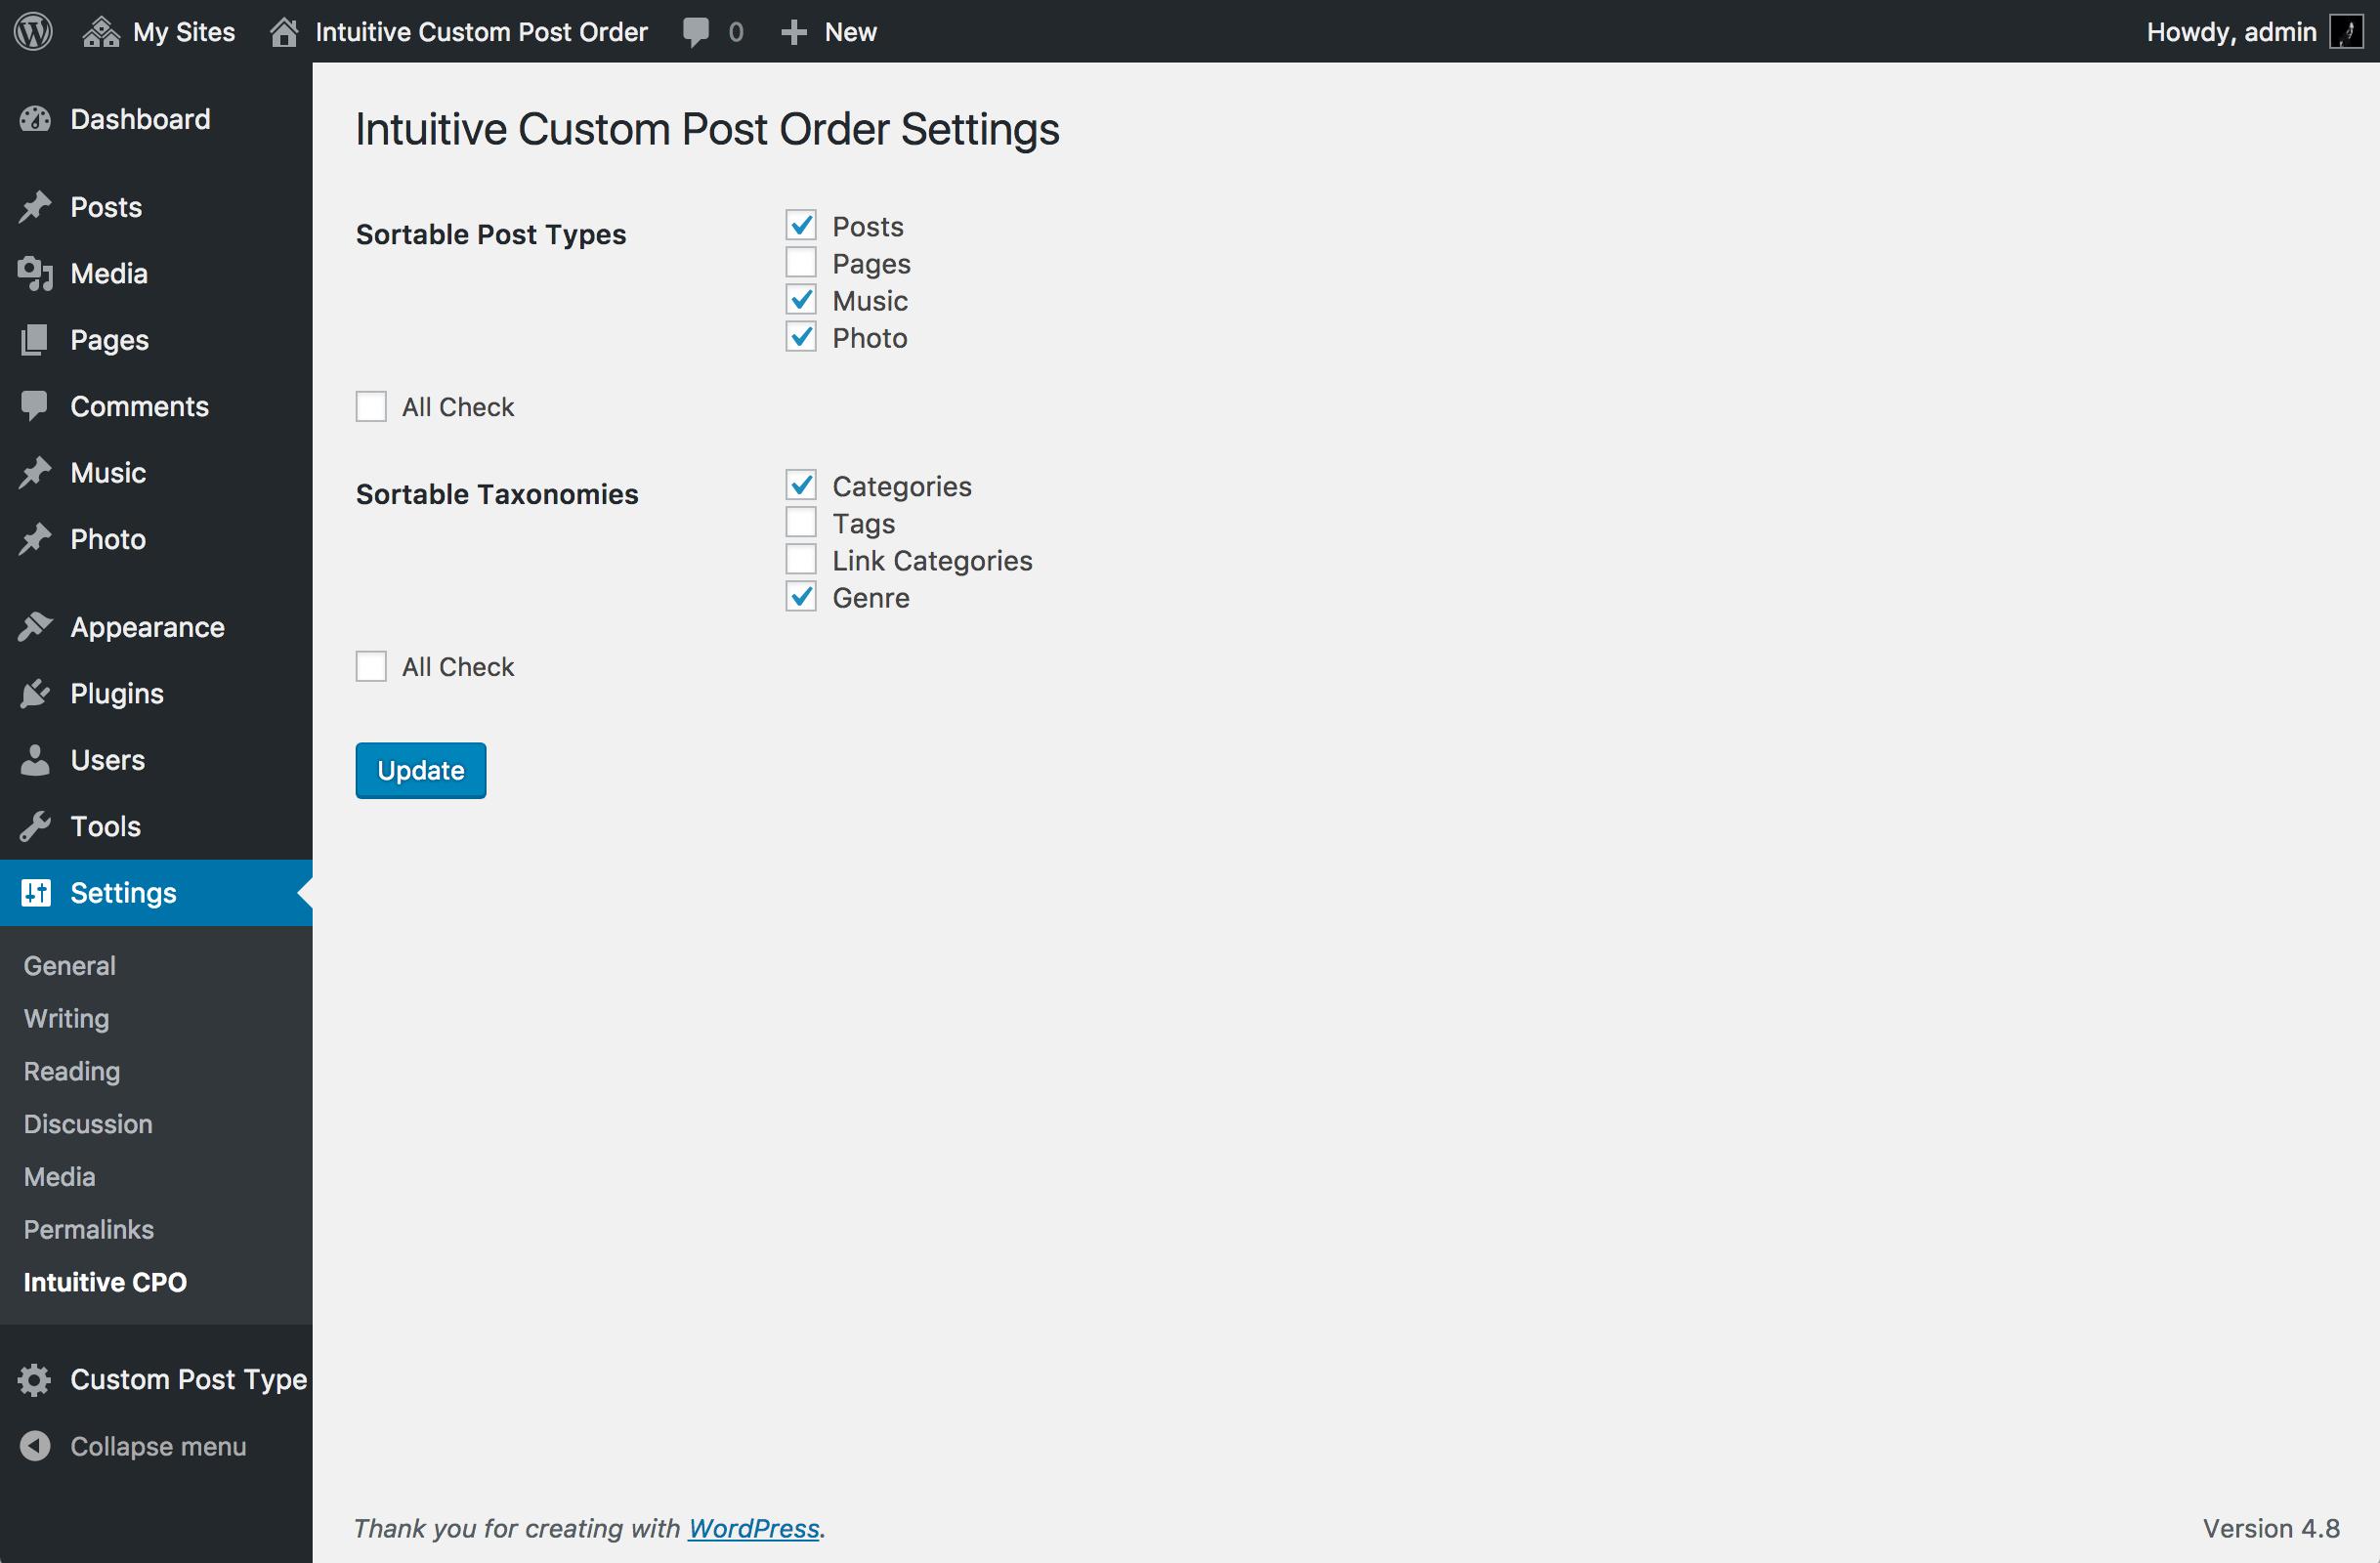 Intuitive Custom Post Order Download Free Wordpress Plugin 1